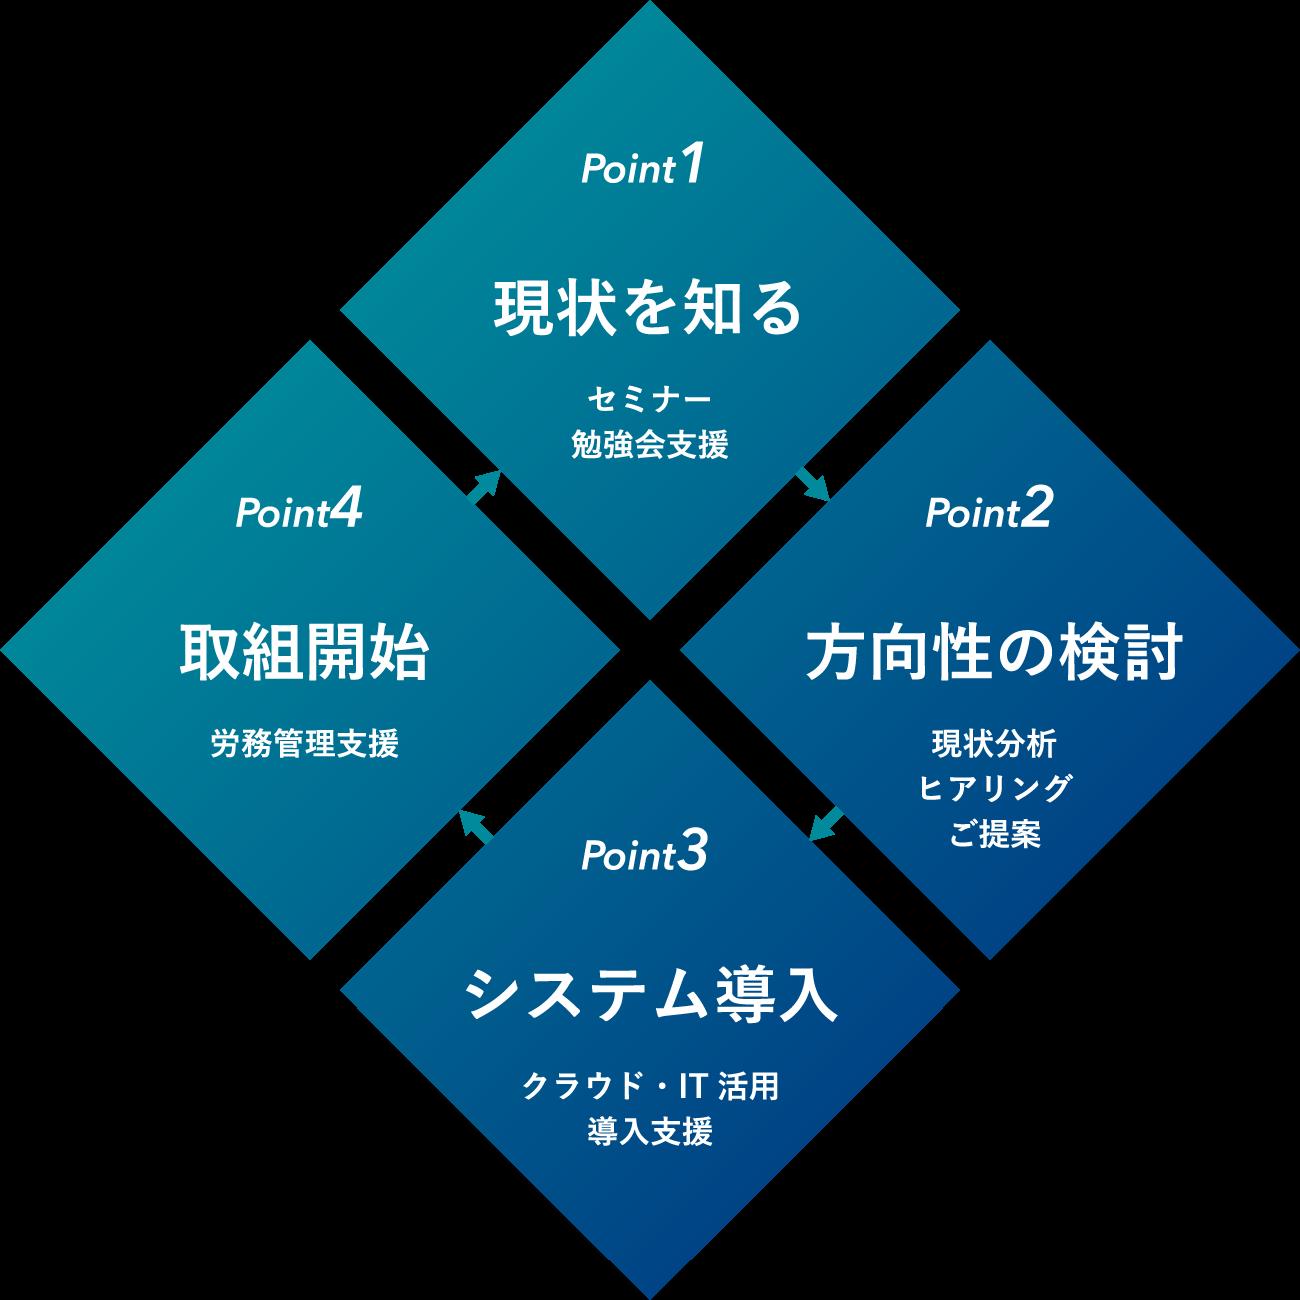 働き方改革支援のイメージ図